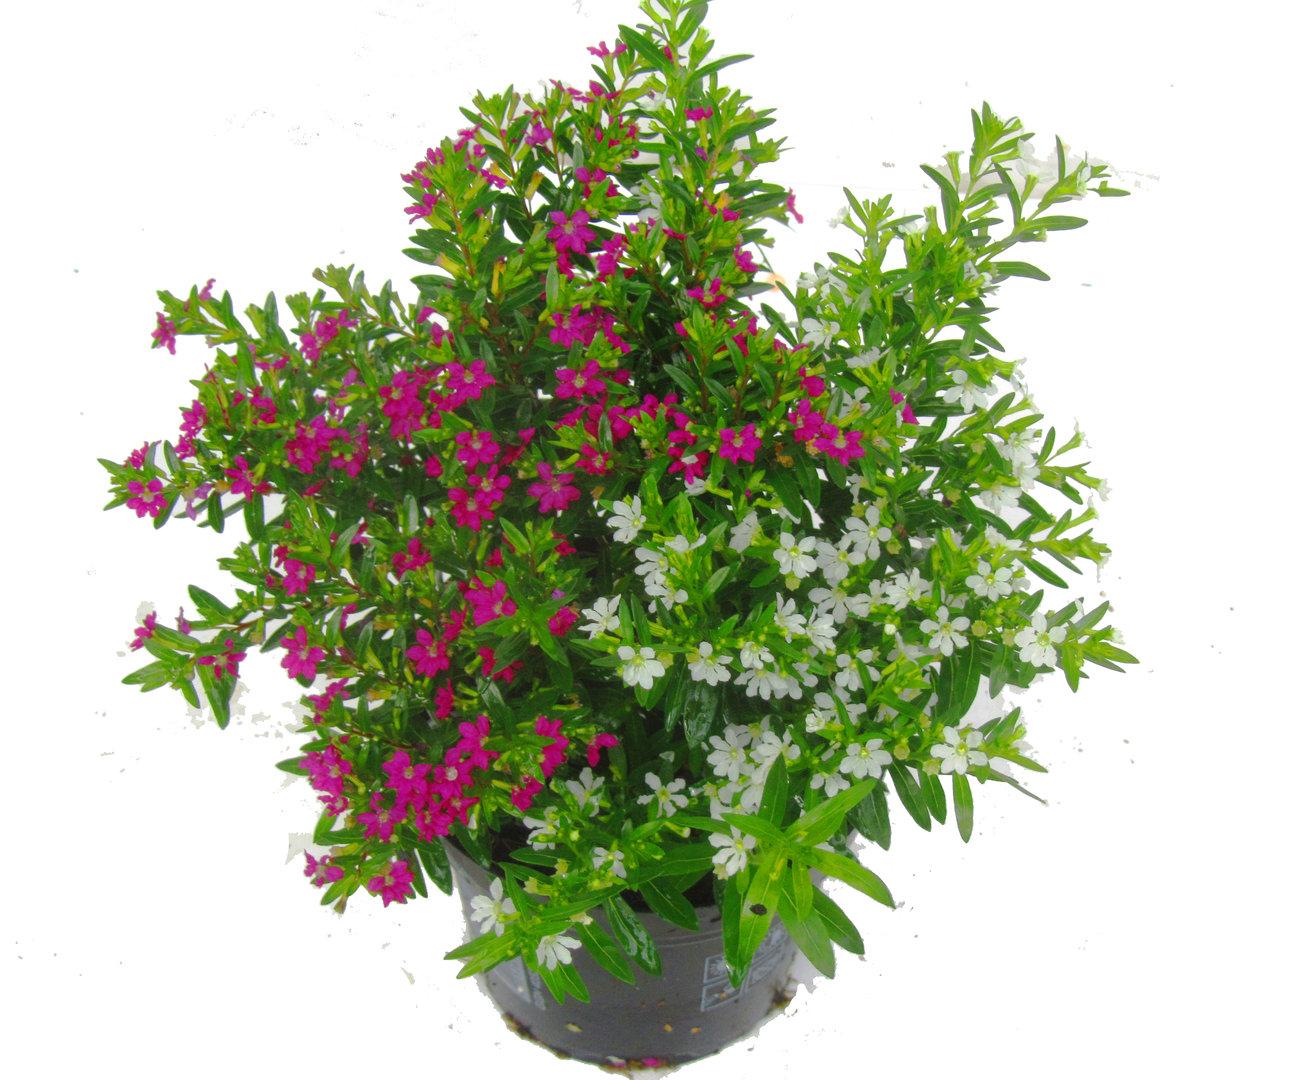 cuphea jap scheinmyrthe kaufen pflanzen versand harro 39 s pflanzenwelt kaufen bestellen online. Black Bedroom Furniture Sets. Home Design Ideas